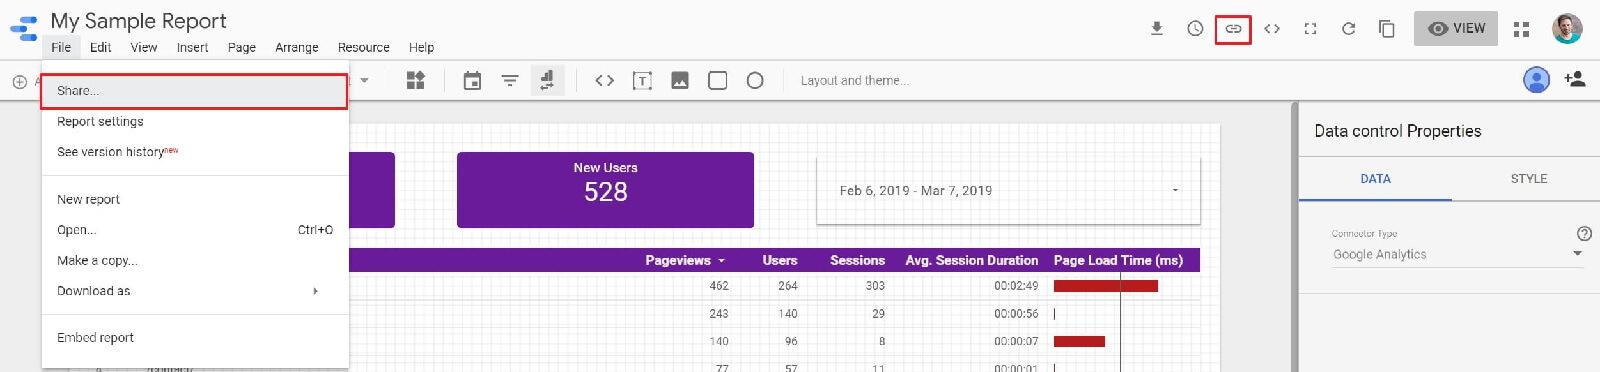 Sharing the Data Studio Report